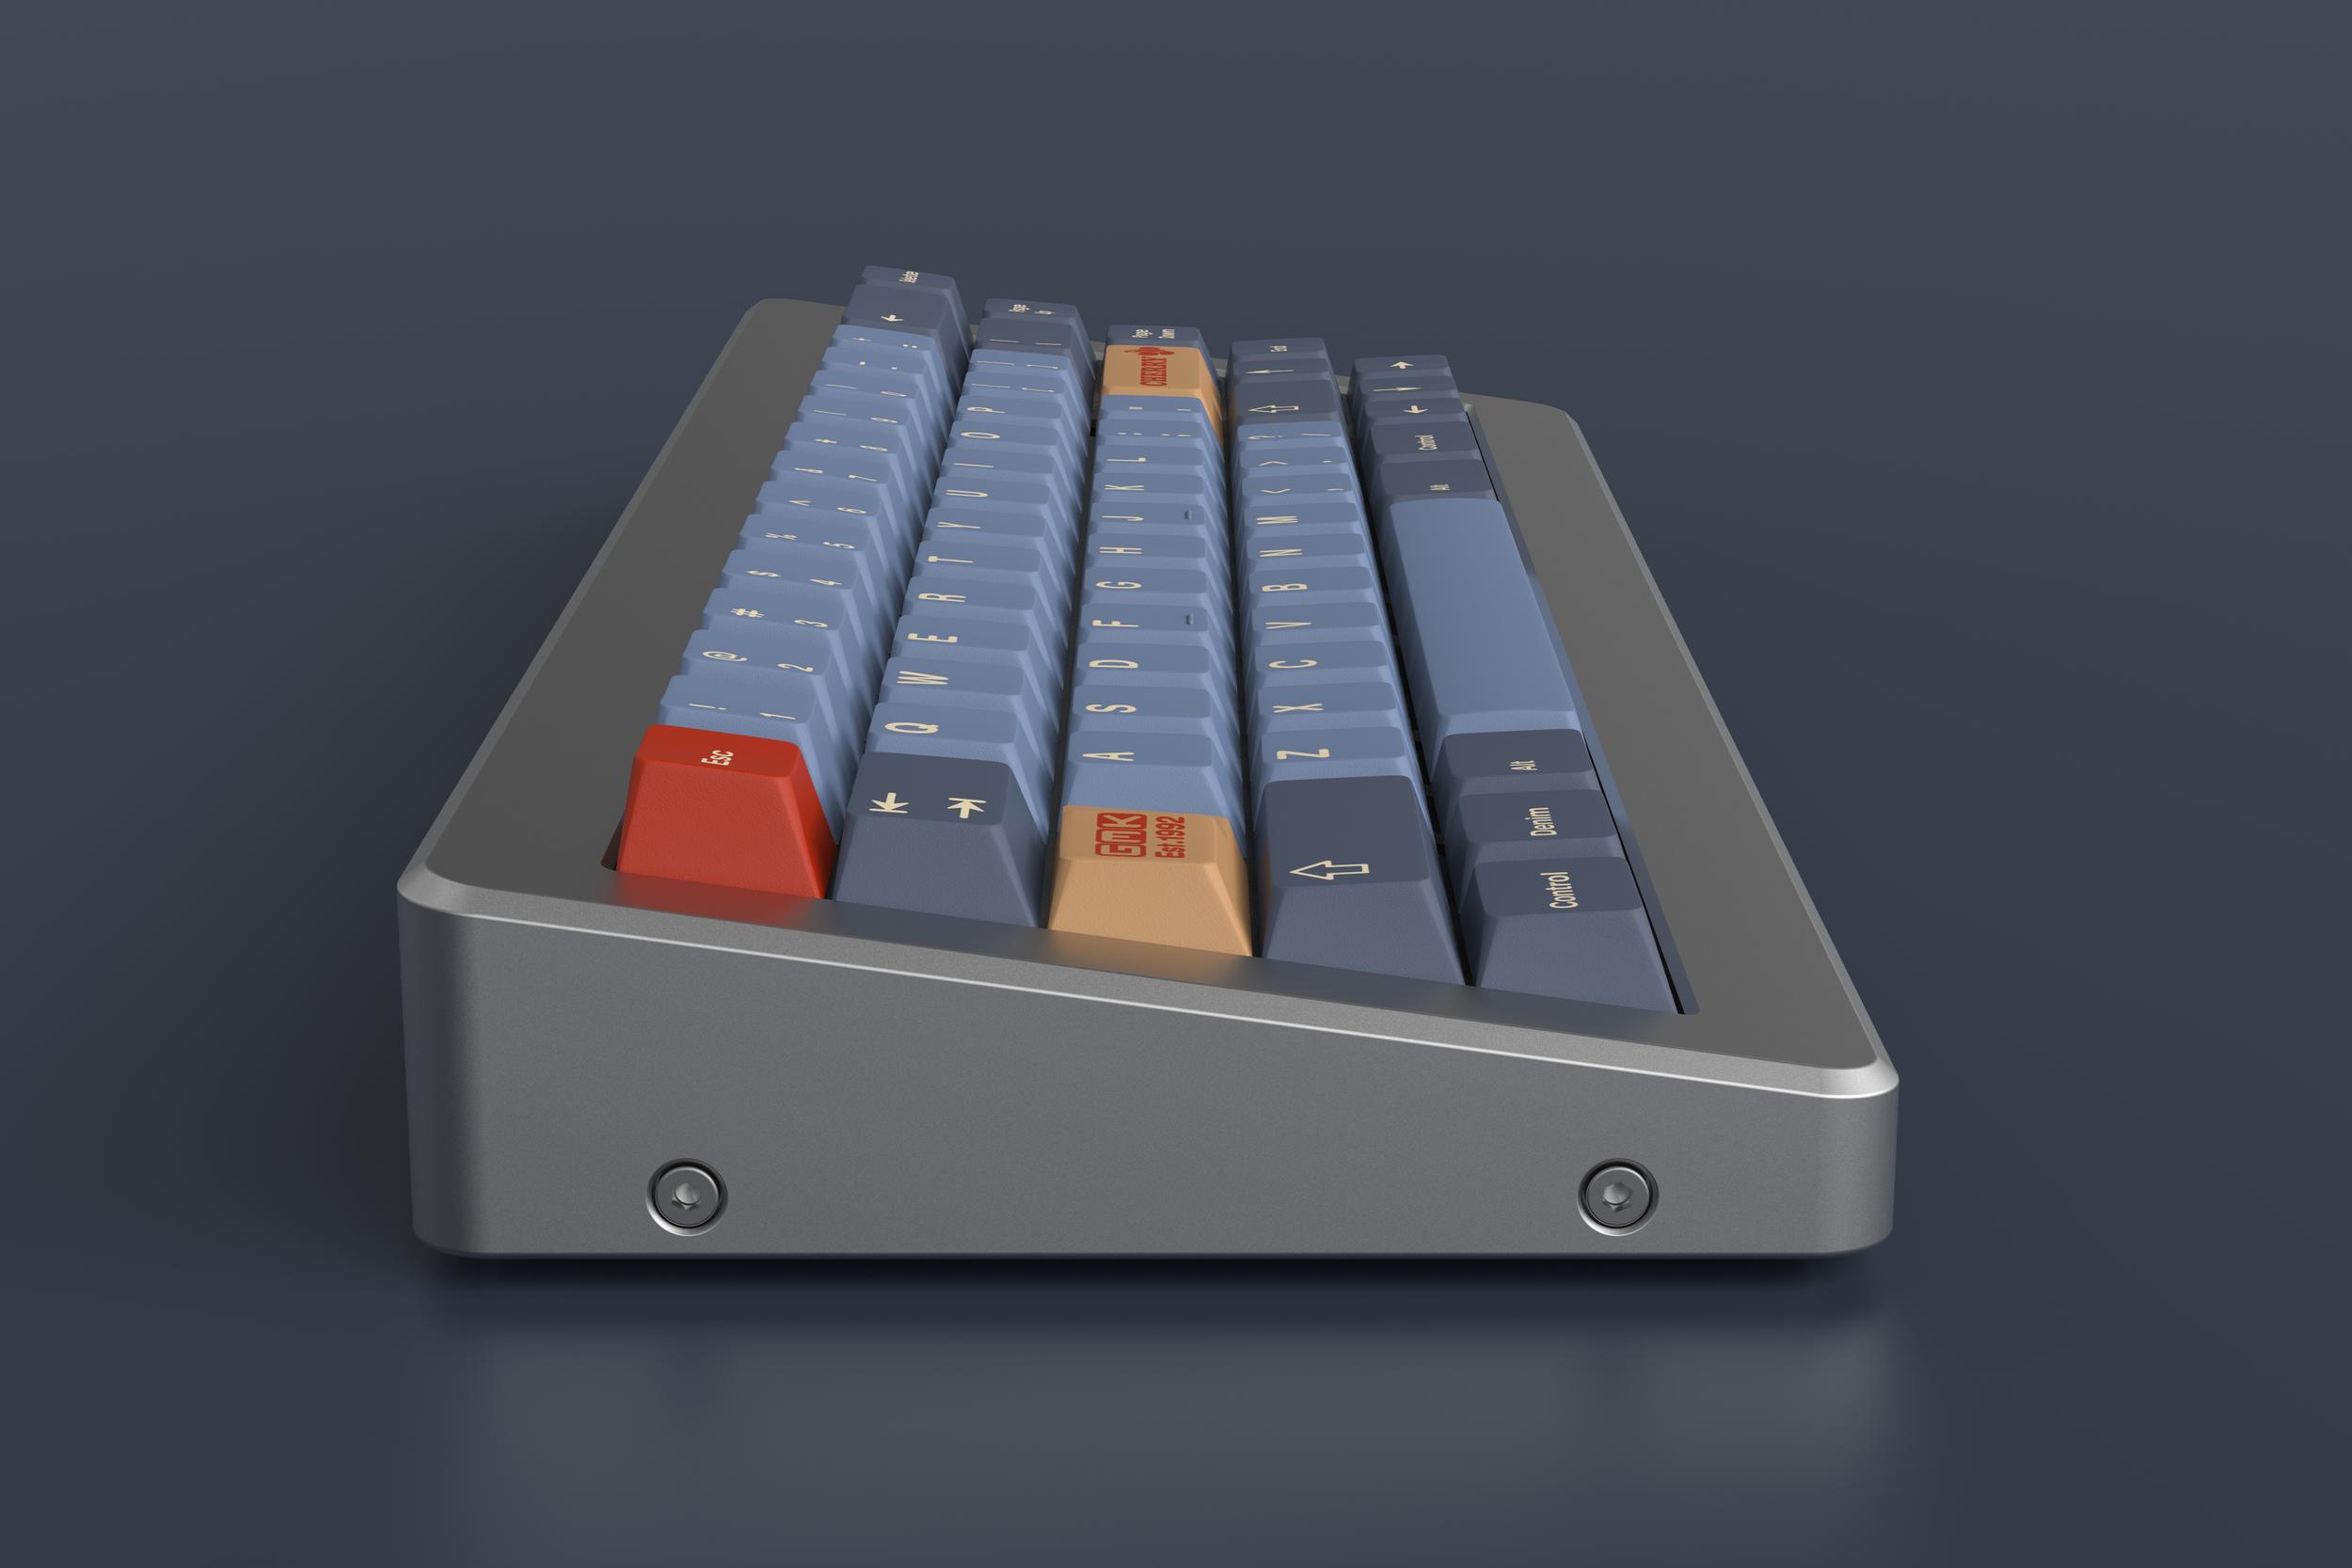 gmk_denim_keyboard_m65a_persp_side.png